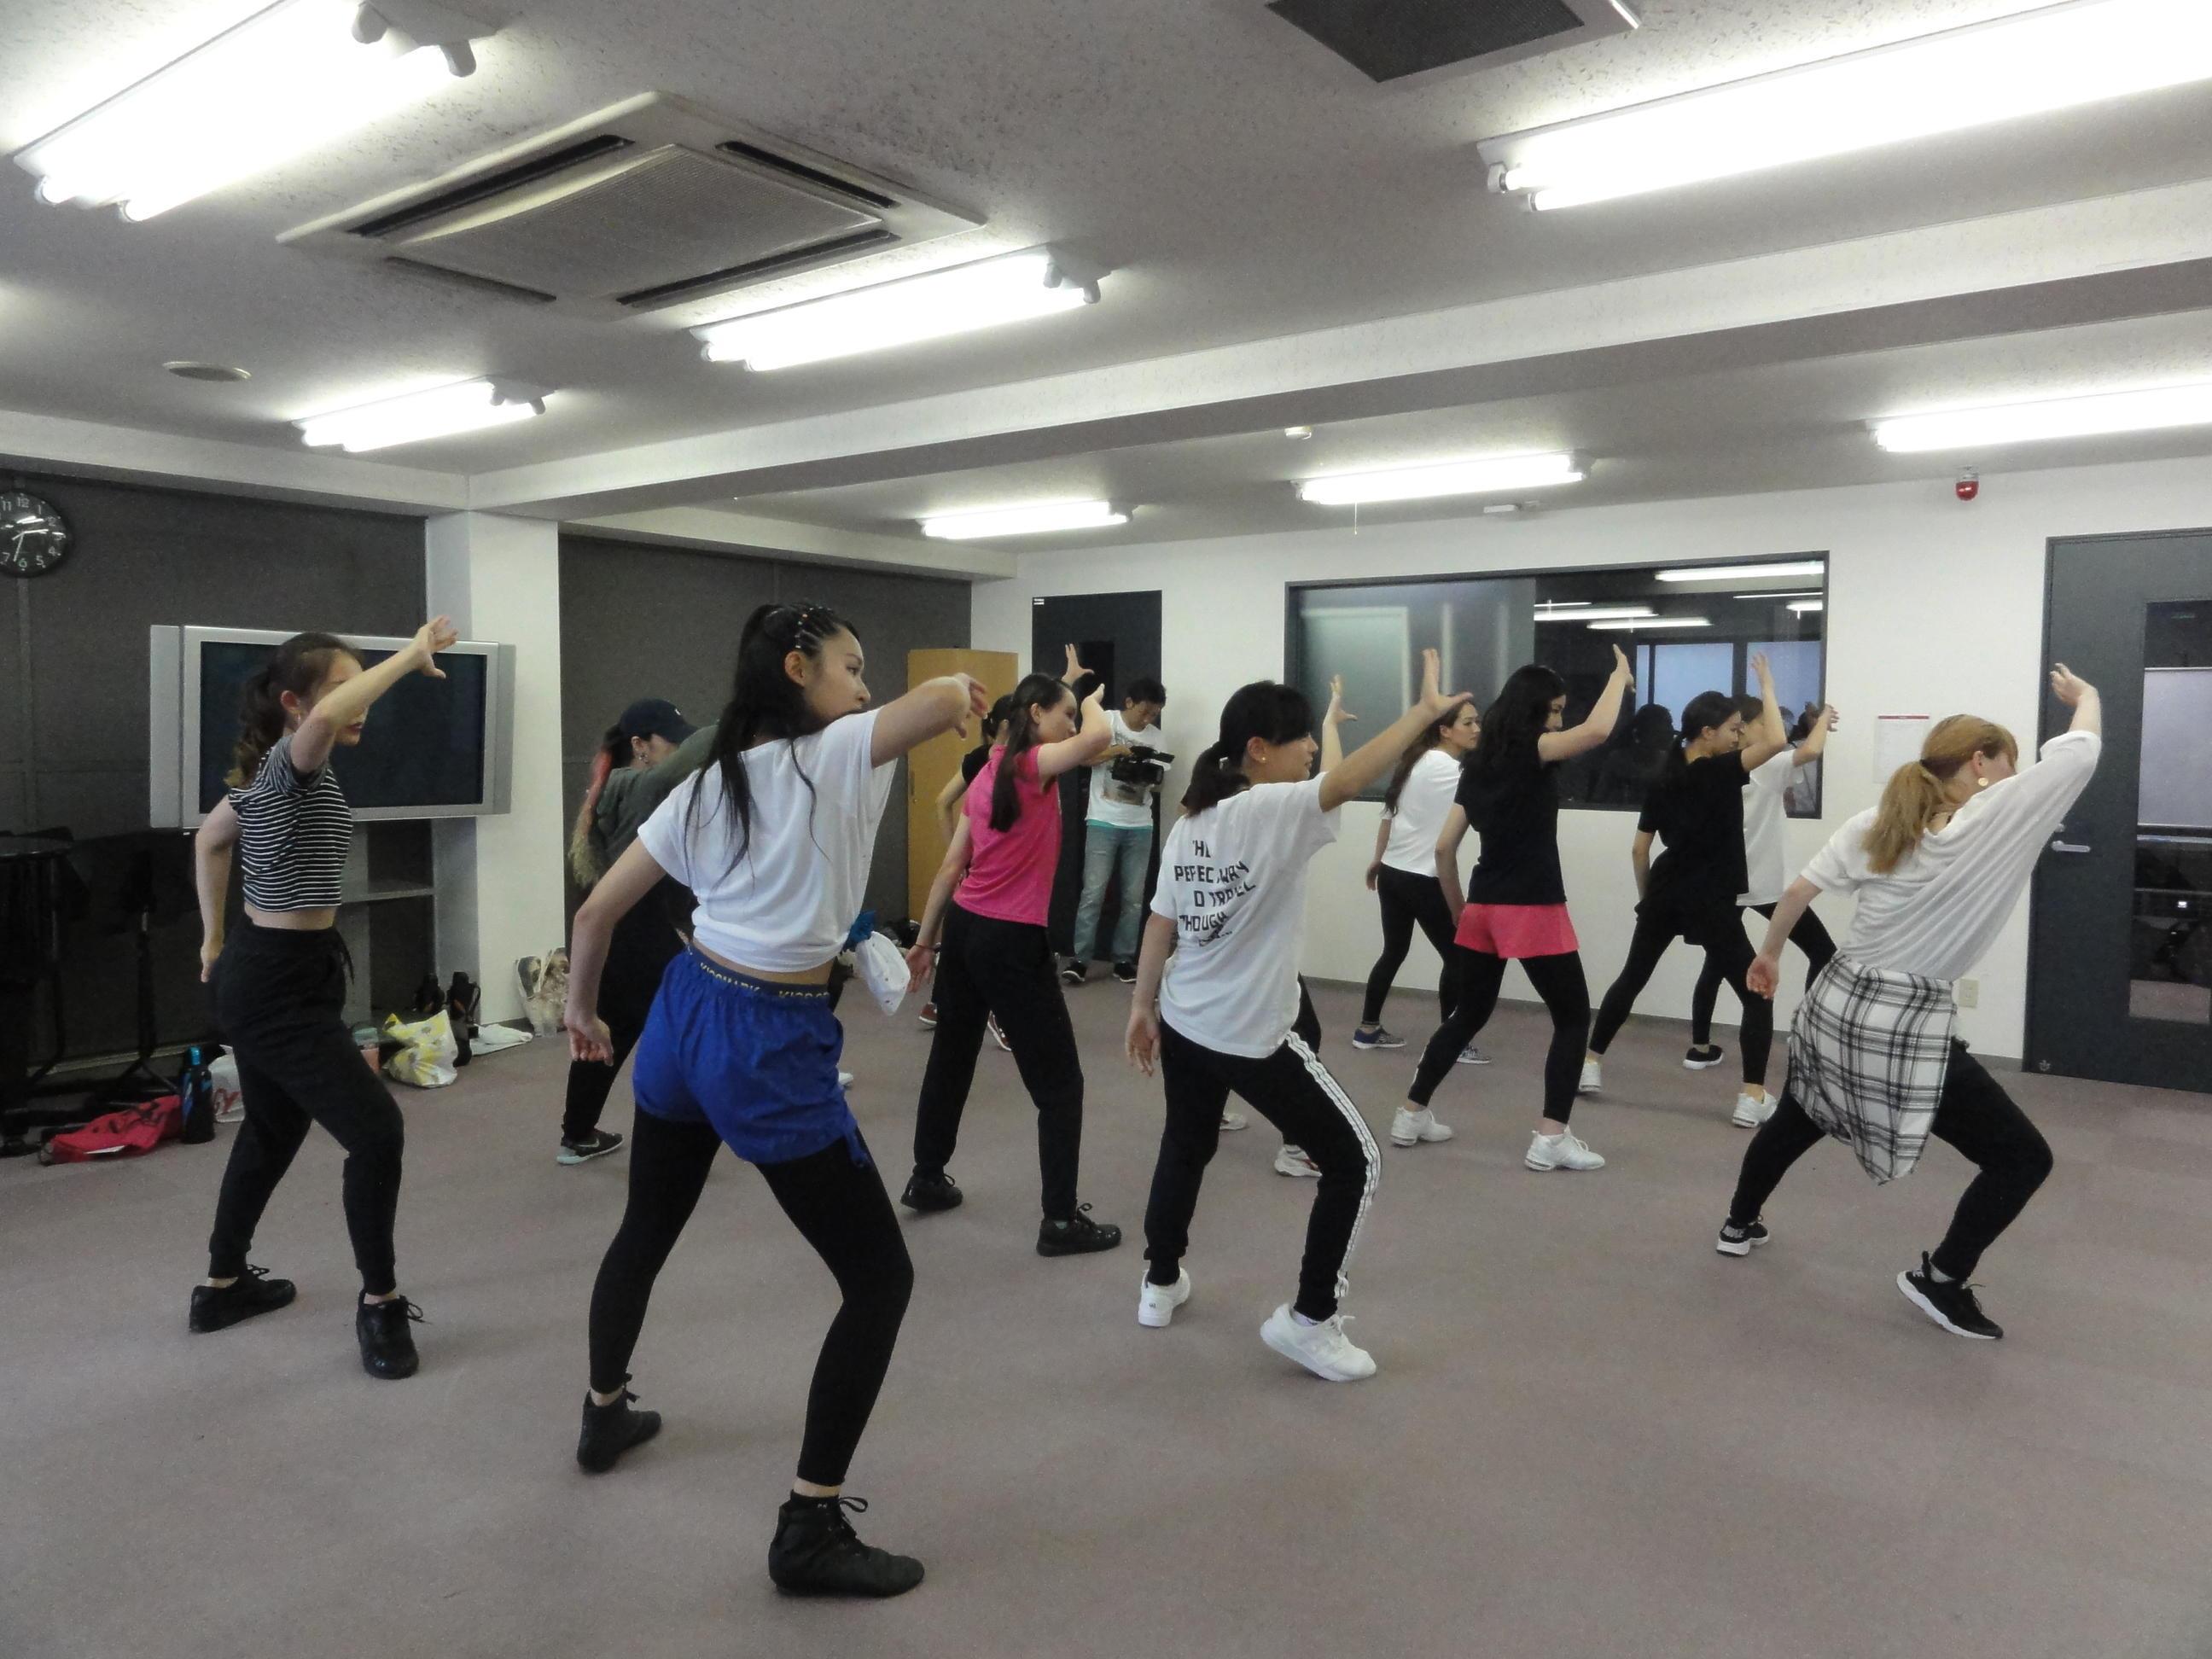 http://news.yoshimoto.co.jp/20170826104643-ba767d8c9349f7142ca172c035ecd09443b0a908.jpg